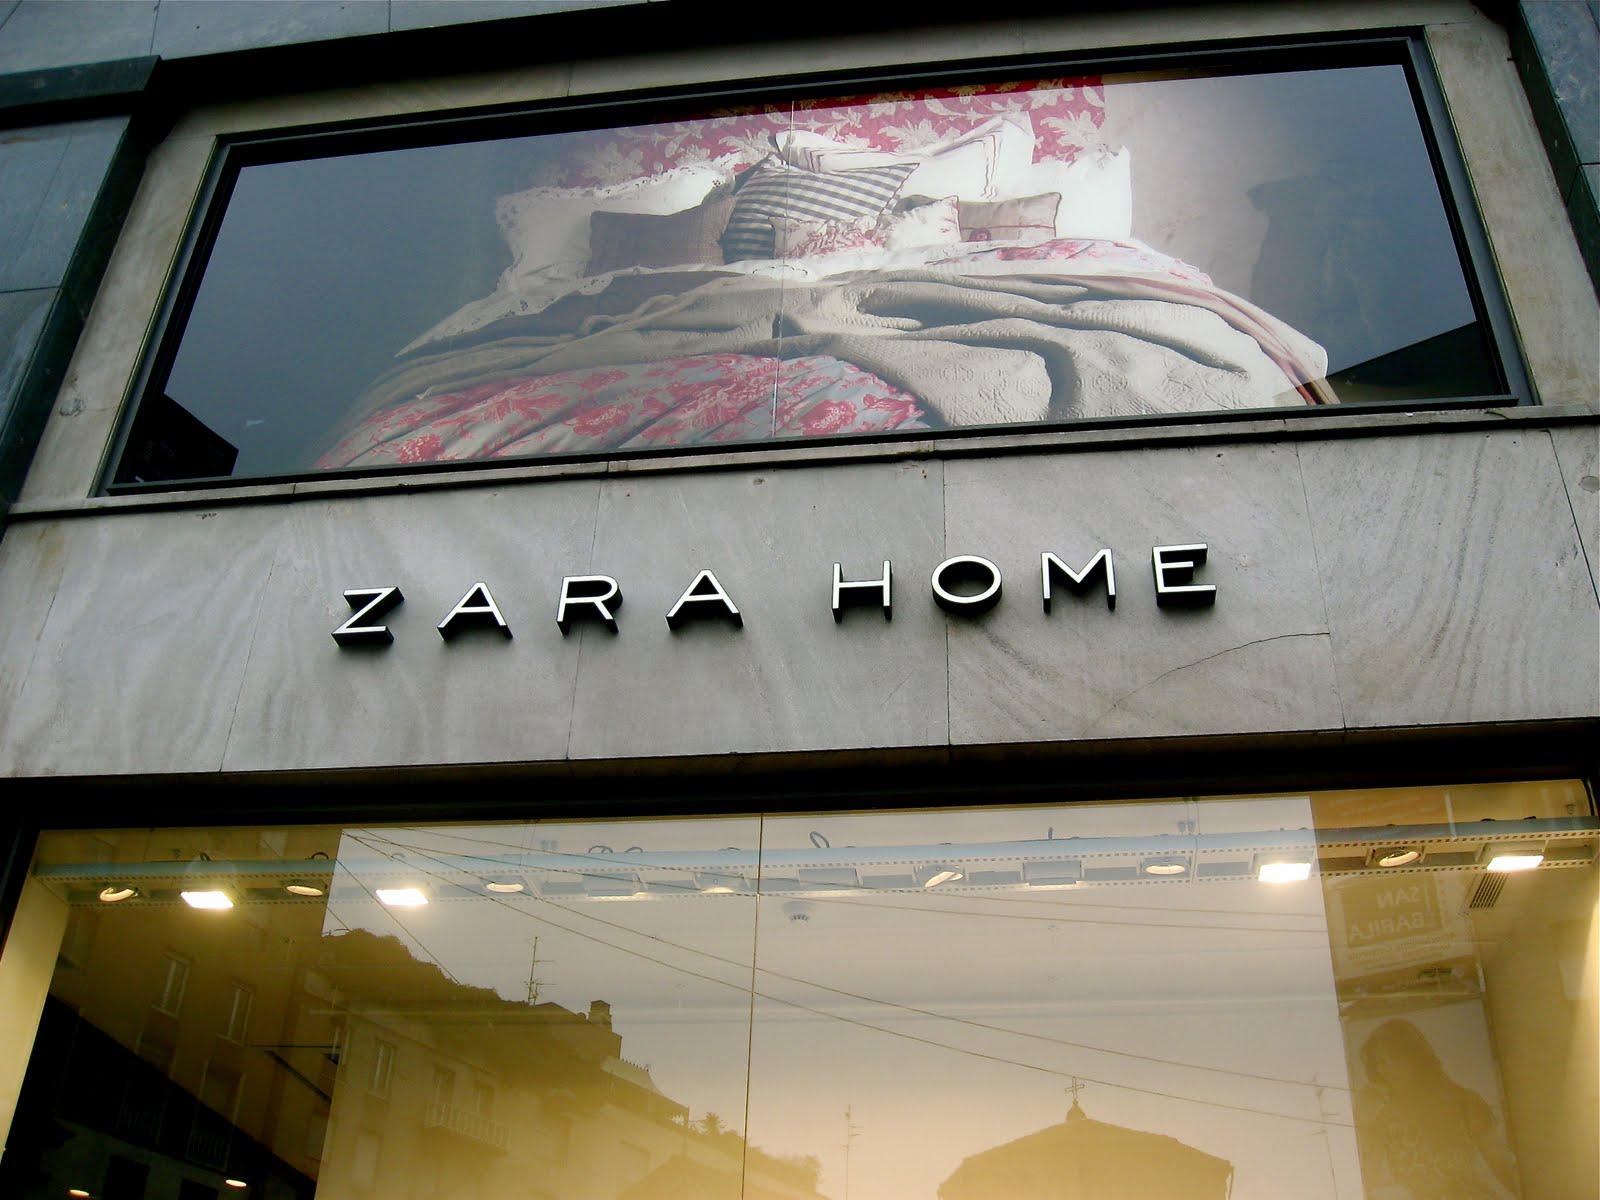 Paese che vai negozio che trovi milano zara home for Zara home a milano